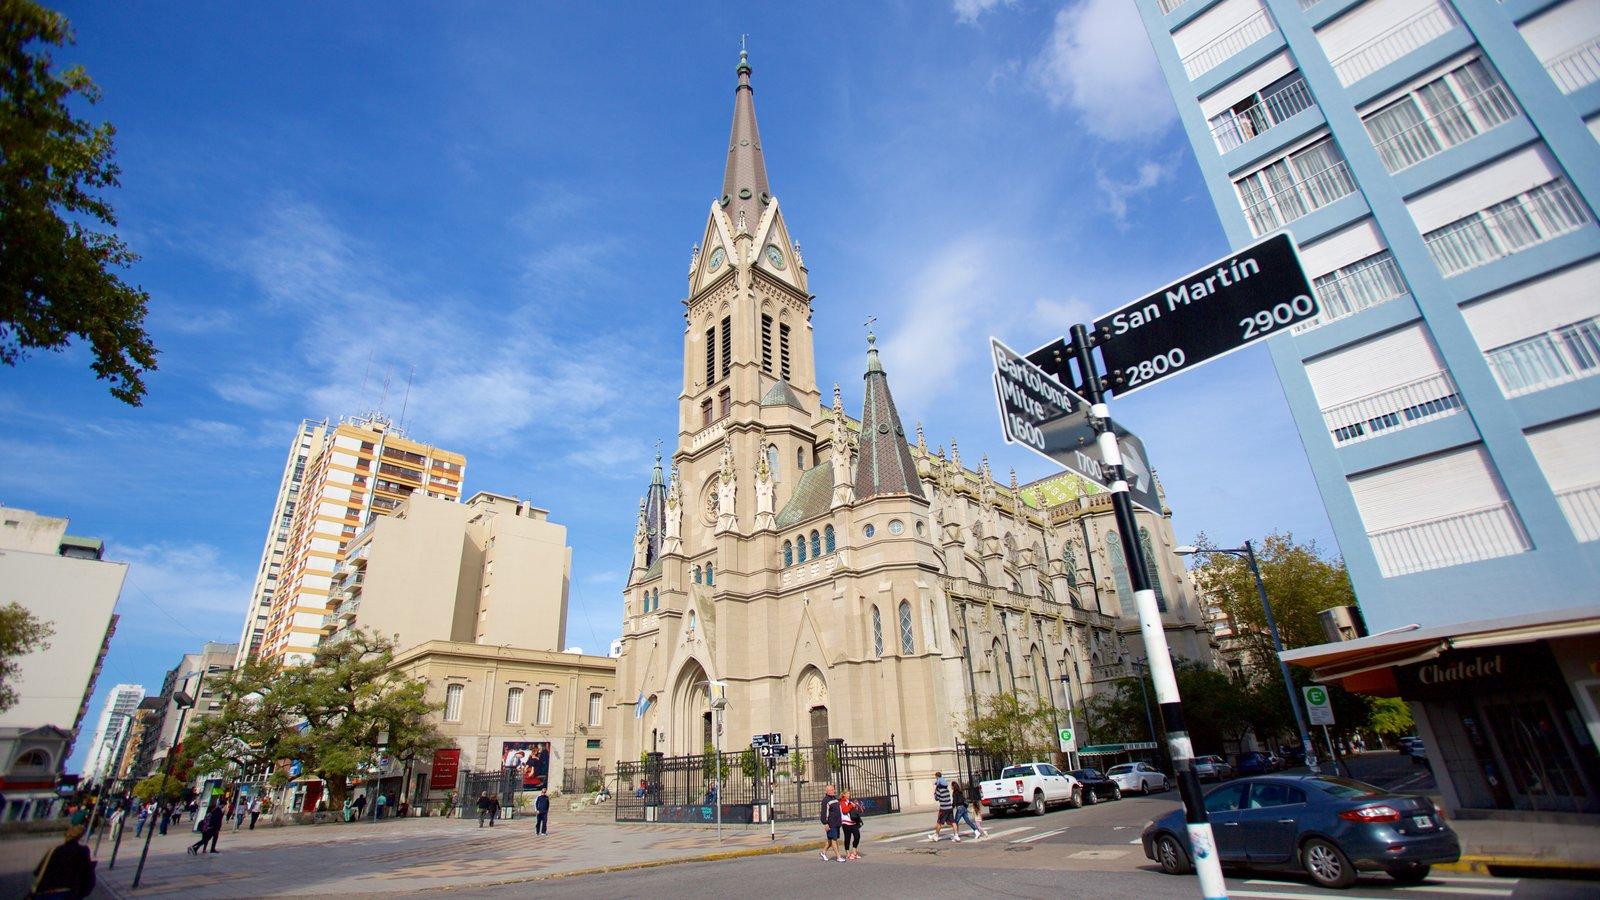 Fotos De Religioso Ver Im Genes De Catedral De Mar Del Plata